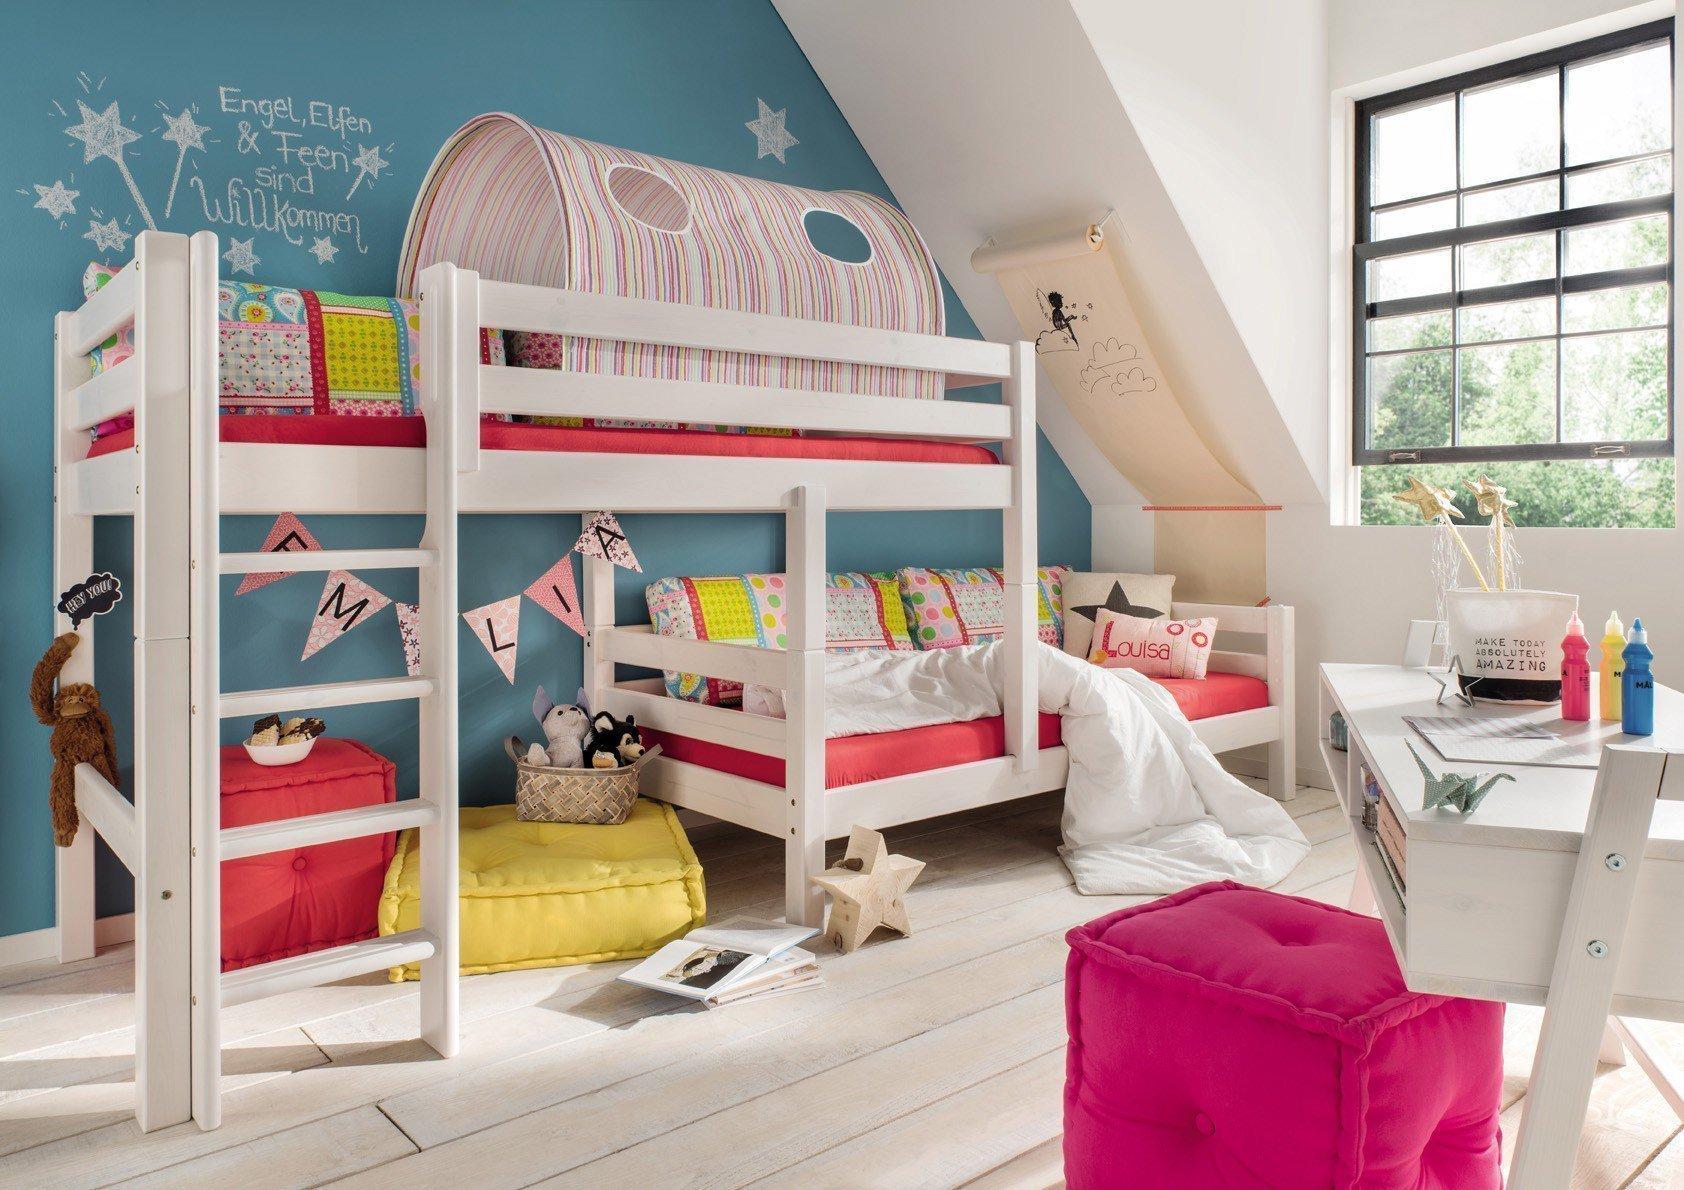 Etagenbett Dachschräge : Infanskids bettkombination etagenbett für dachschräge möbel